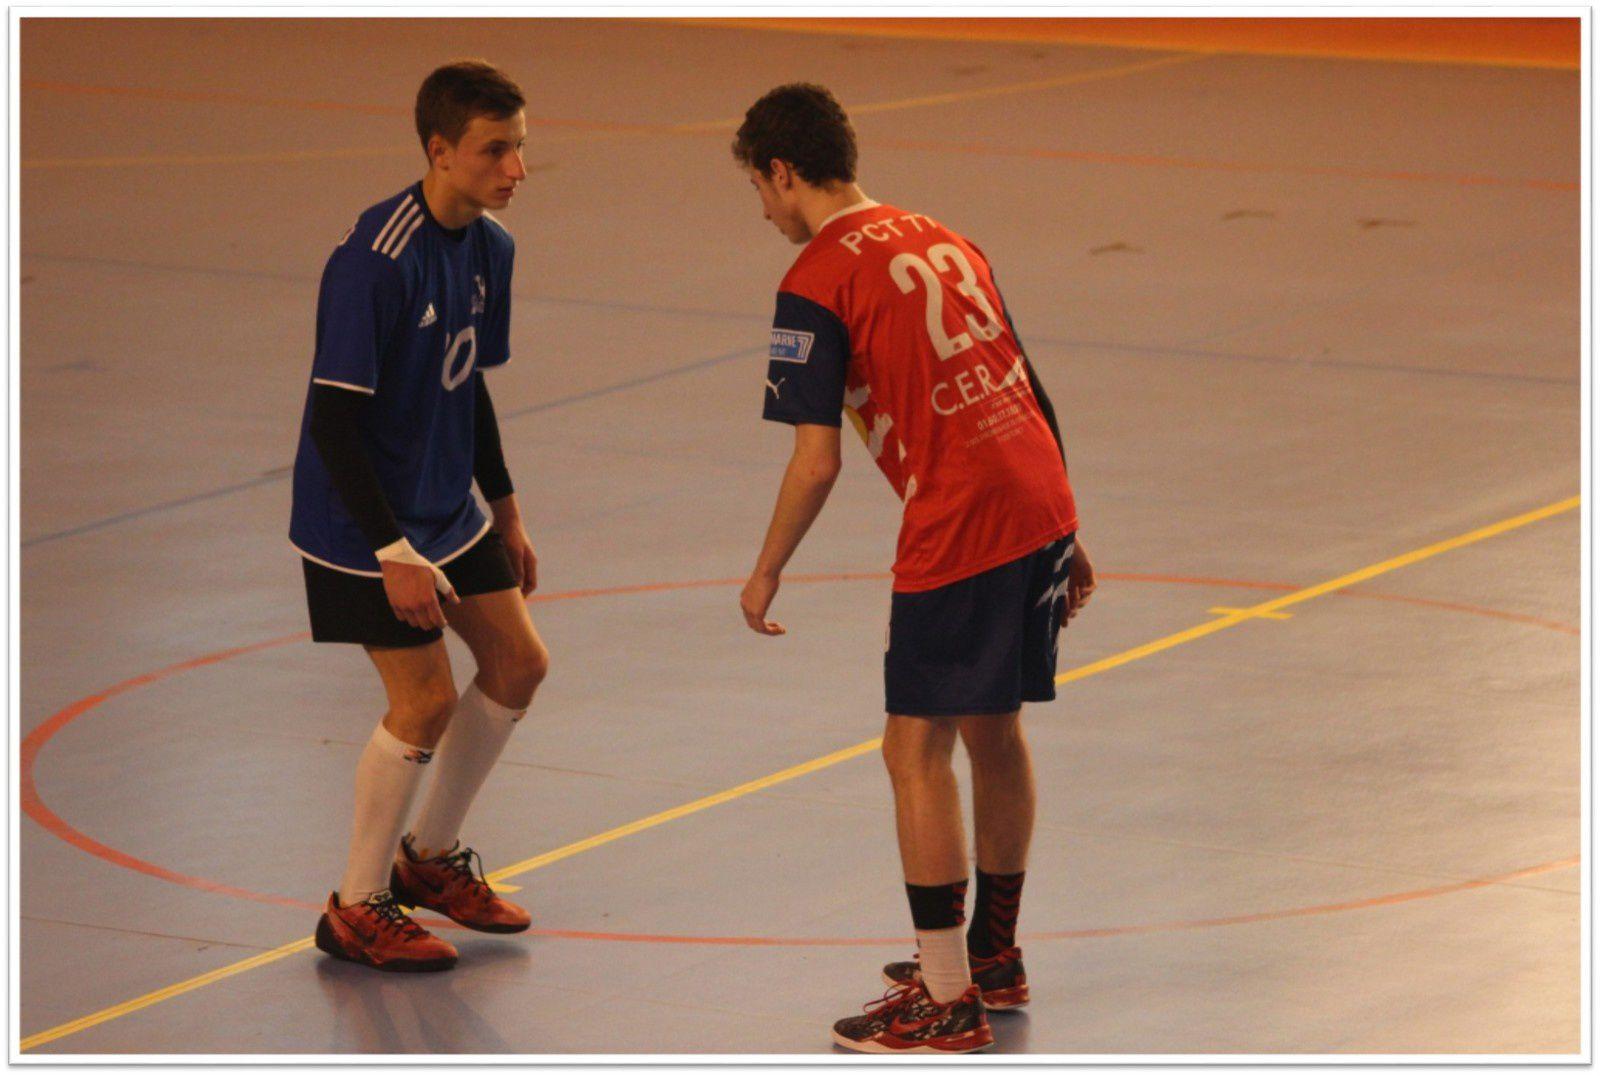 PCT 77 vs AUBERVILLIERS (-17M - Région 07.02.15)